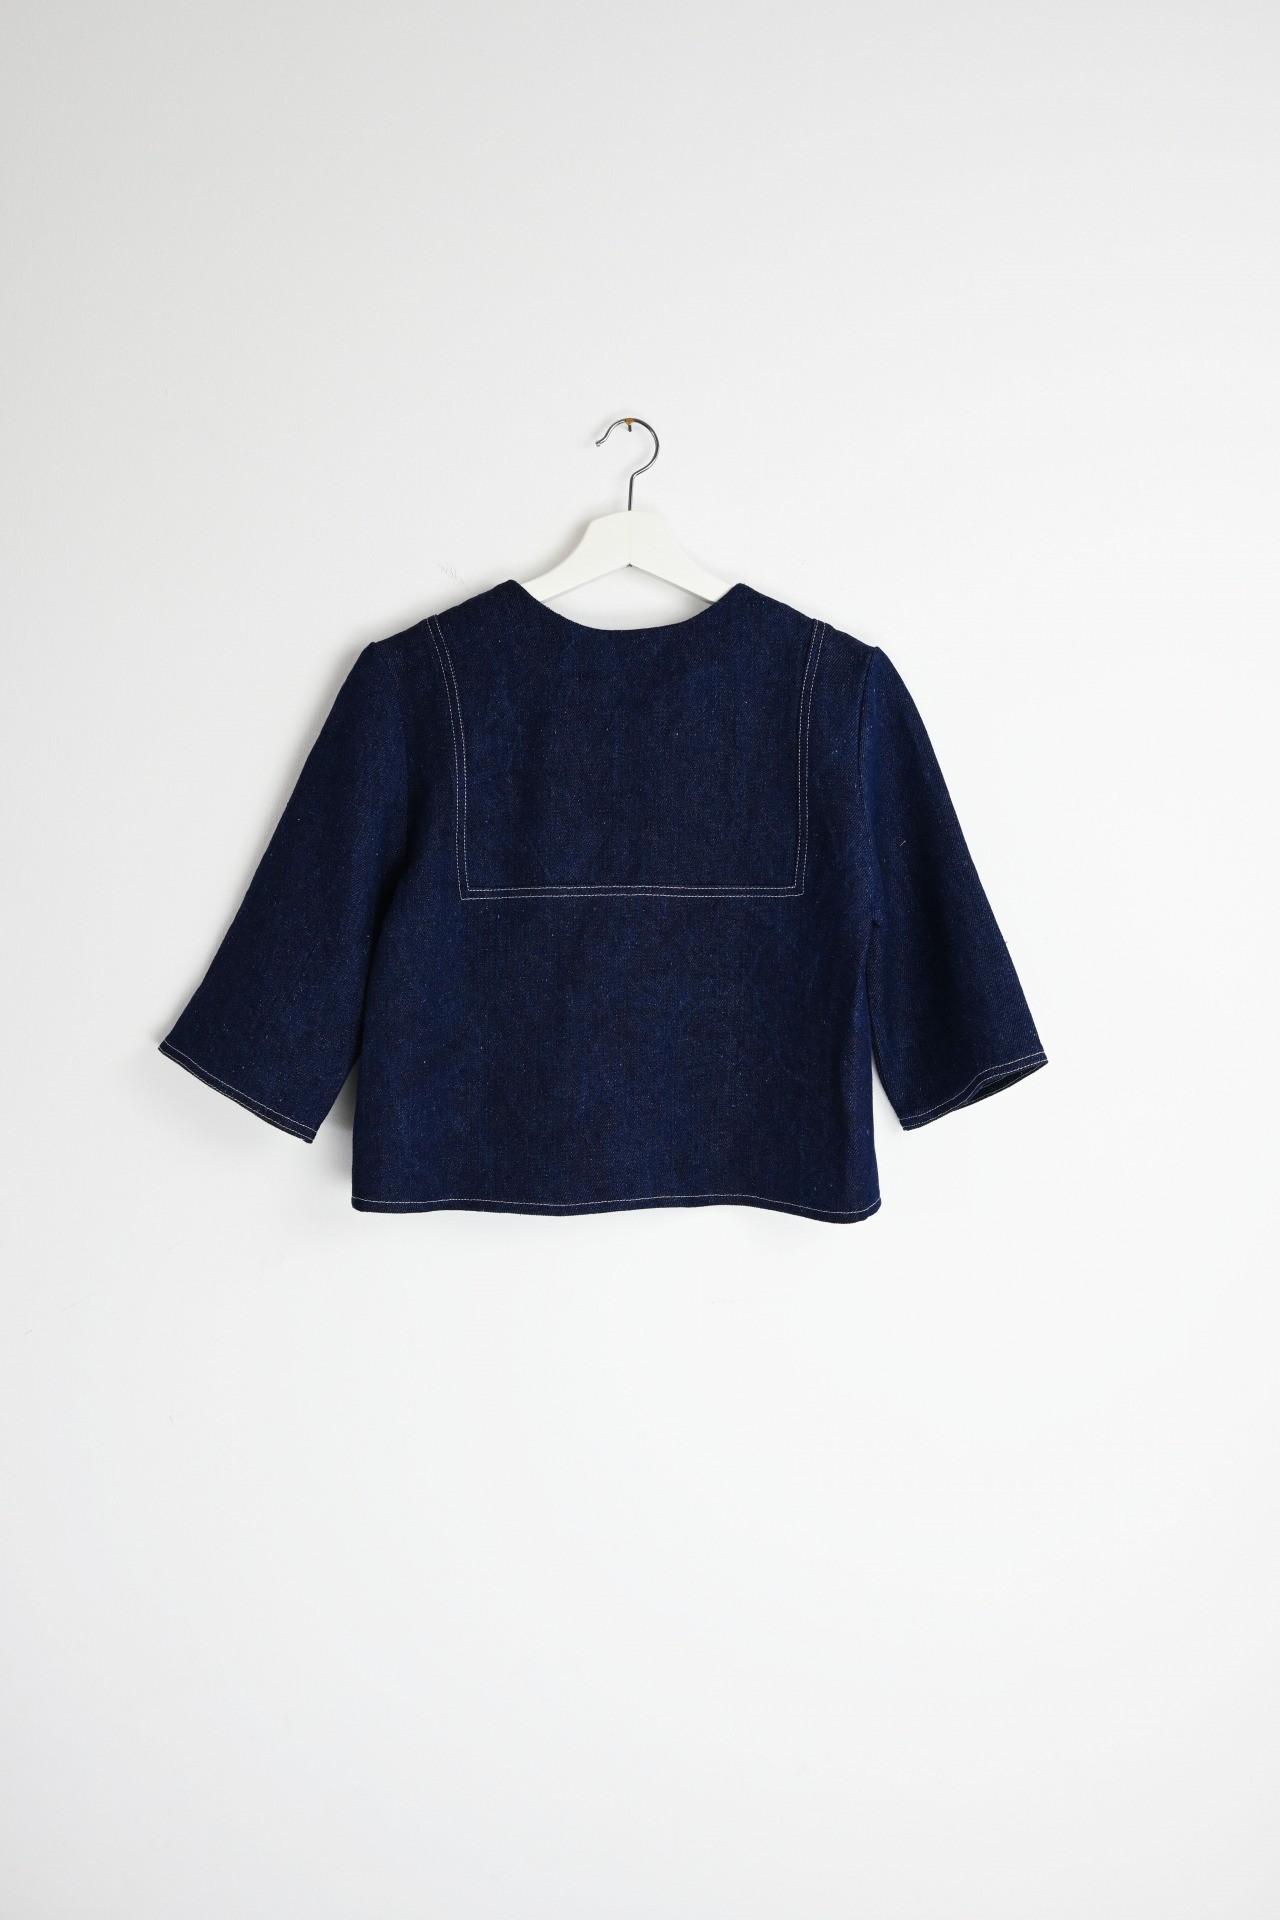 Gartenshirt indigo - Rückansicht